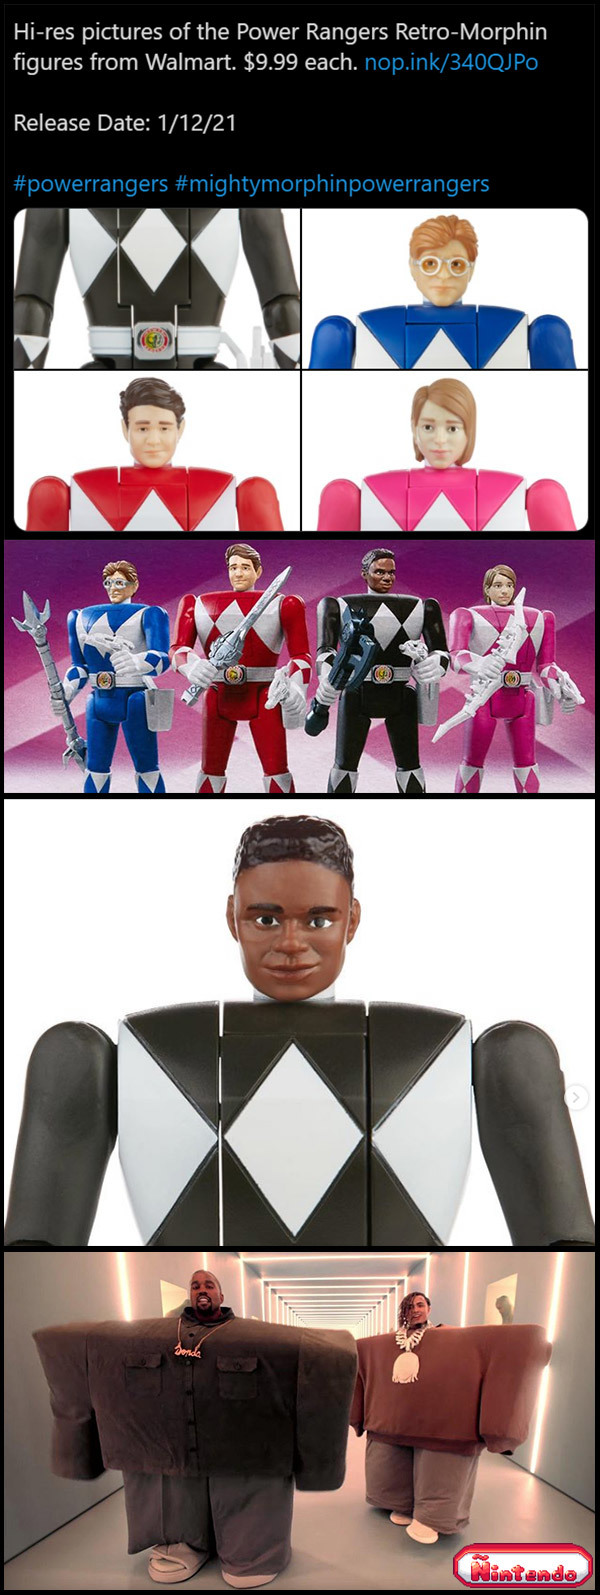 Vocês Se Lembram Dos Bonecos Dos Power Rangers?